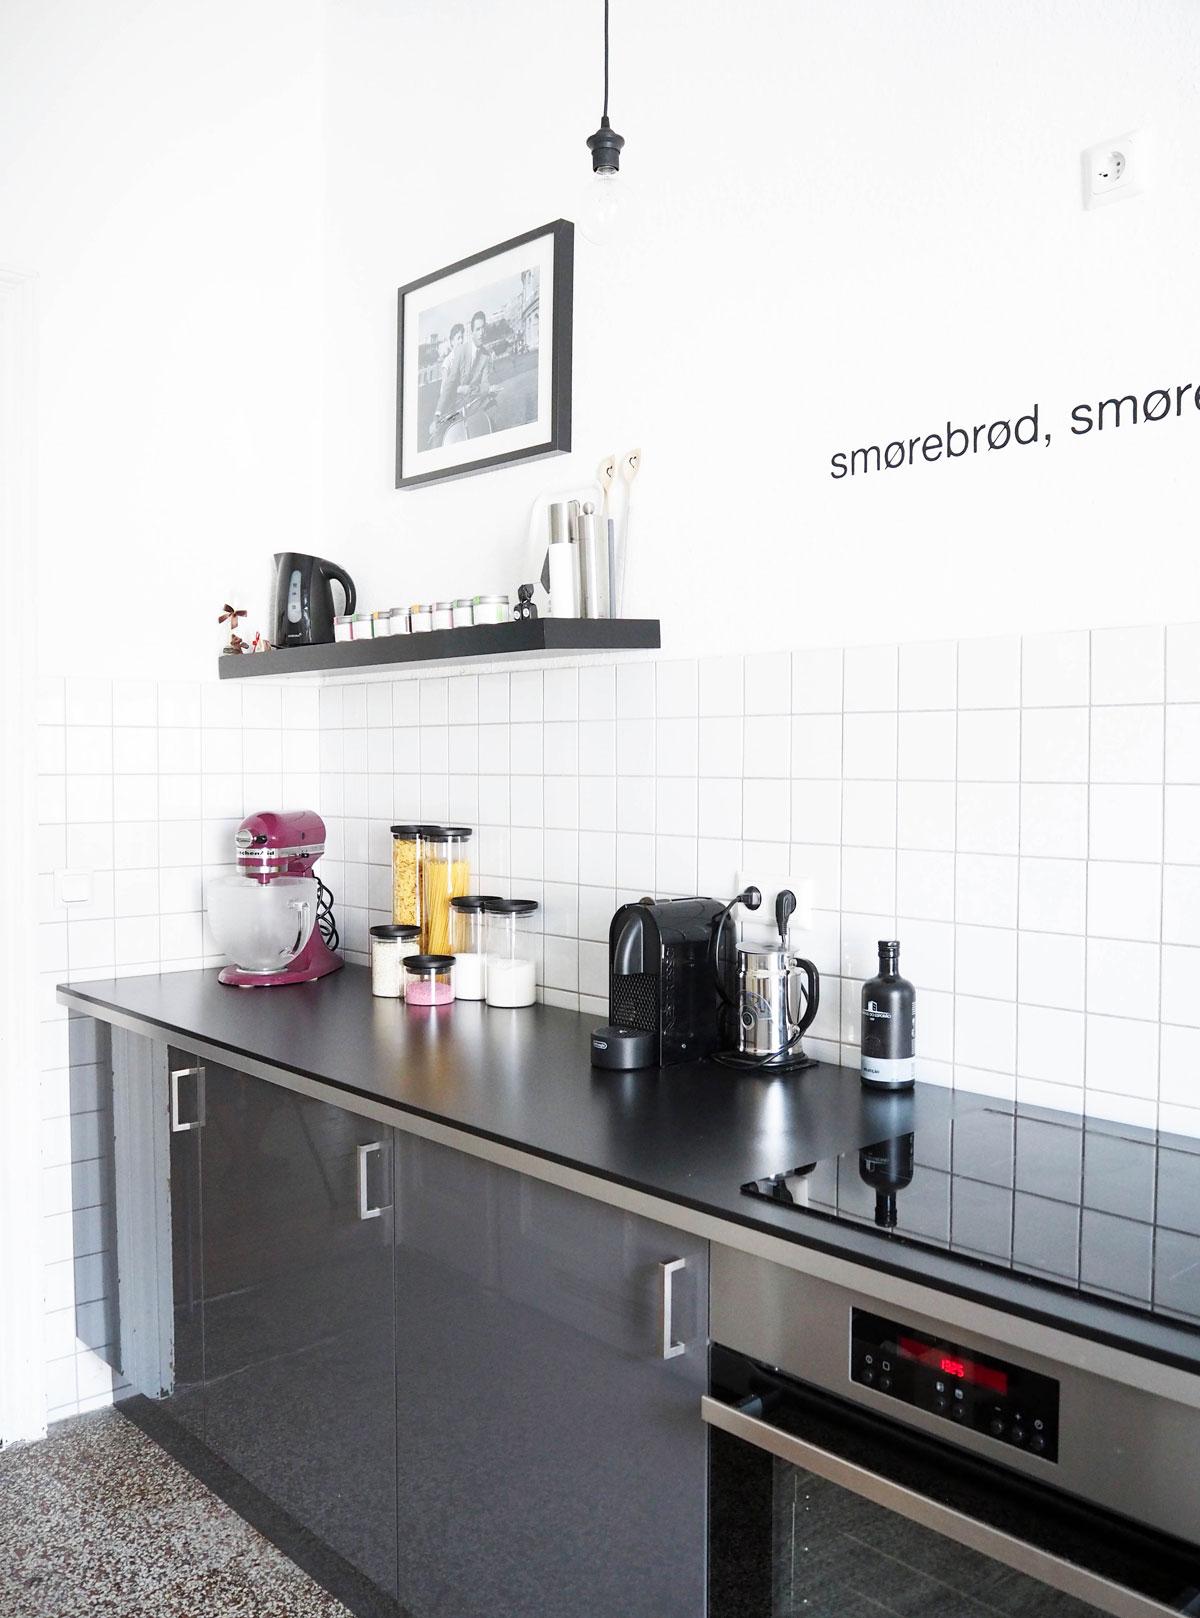 Ausgezeichnet Küche Farben Ideen 2013 Bilder - Ideen Für Die Küche ...